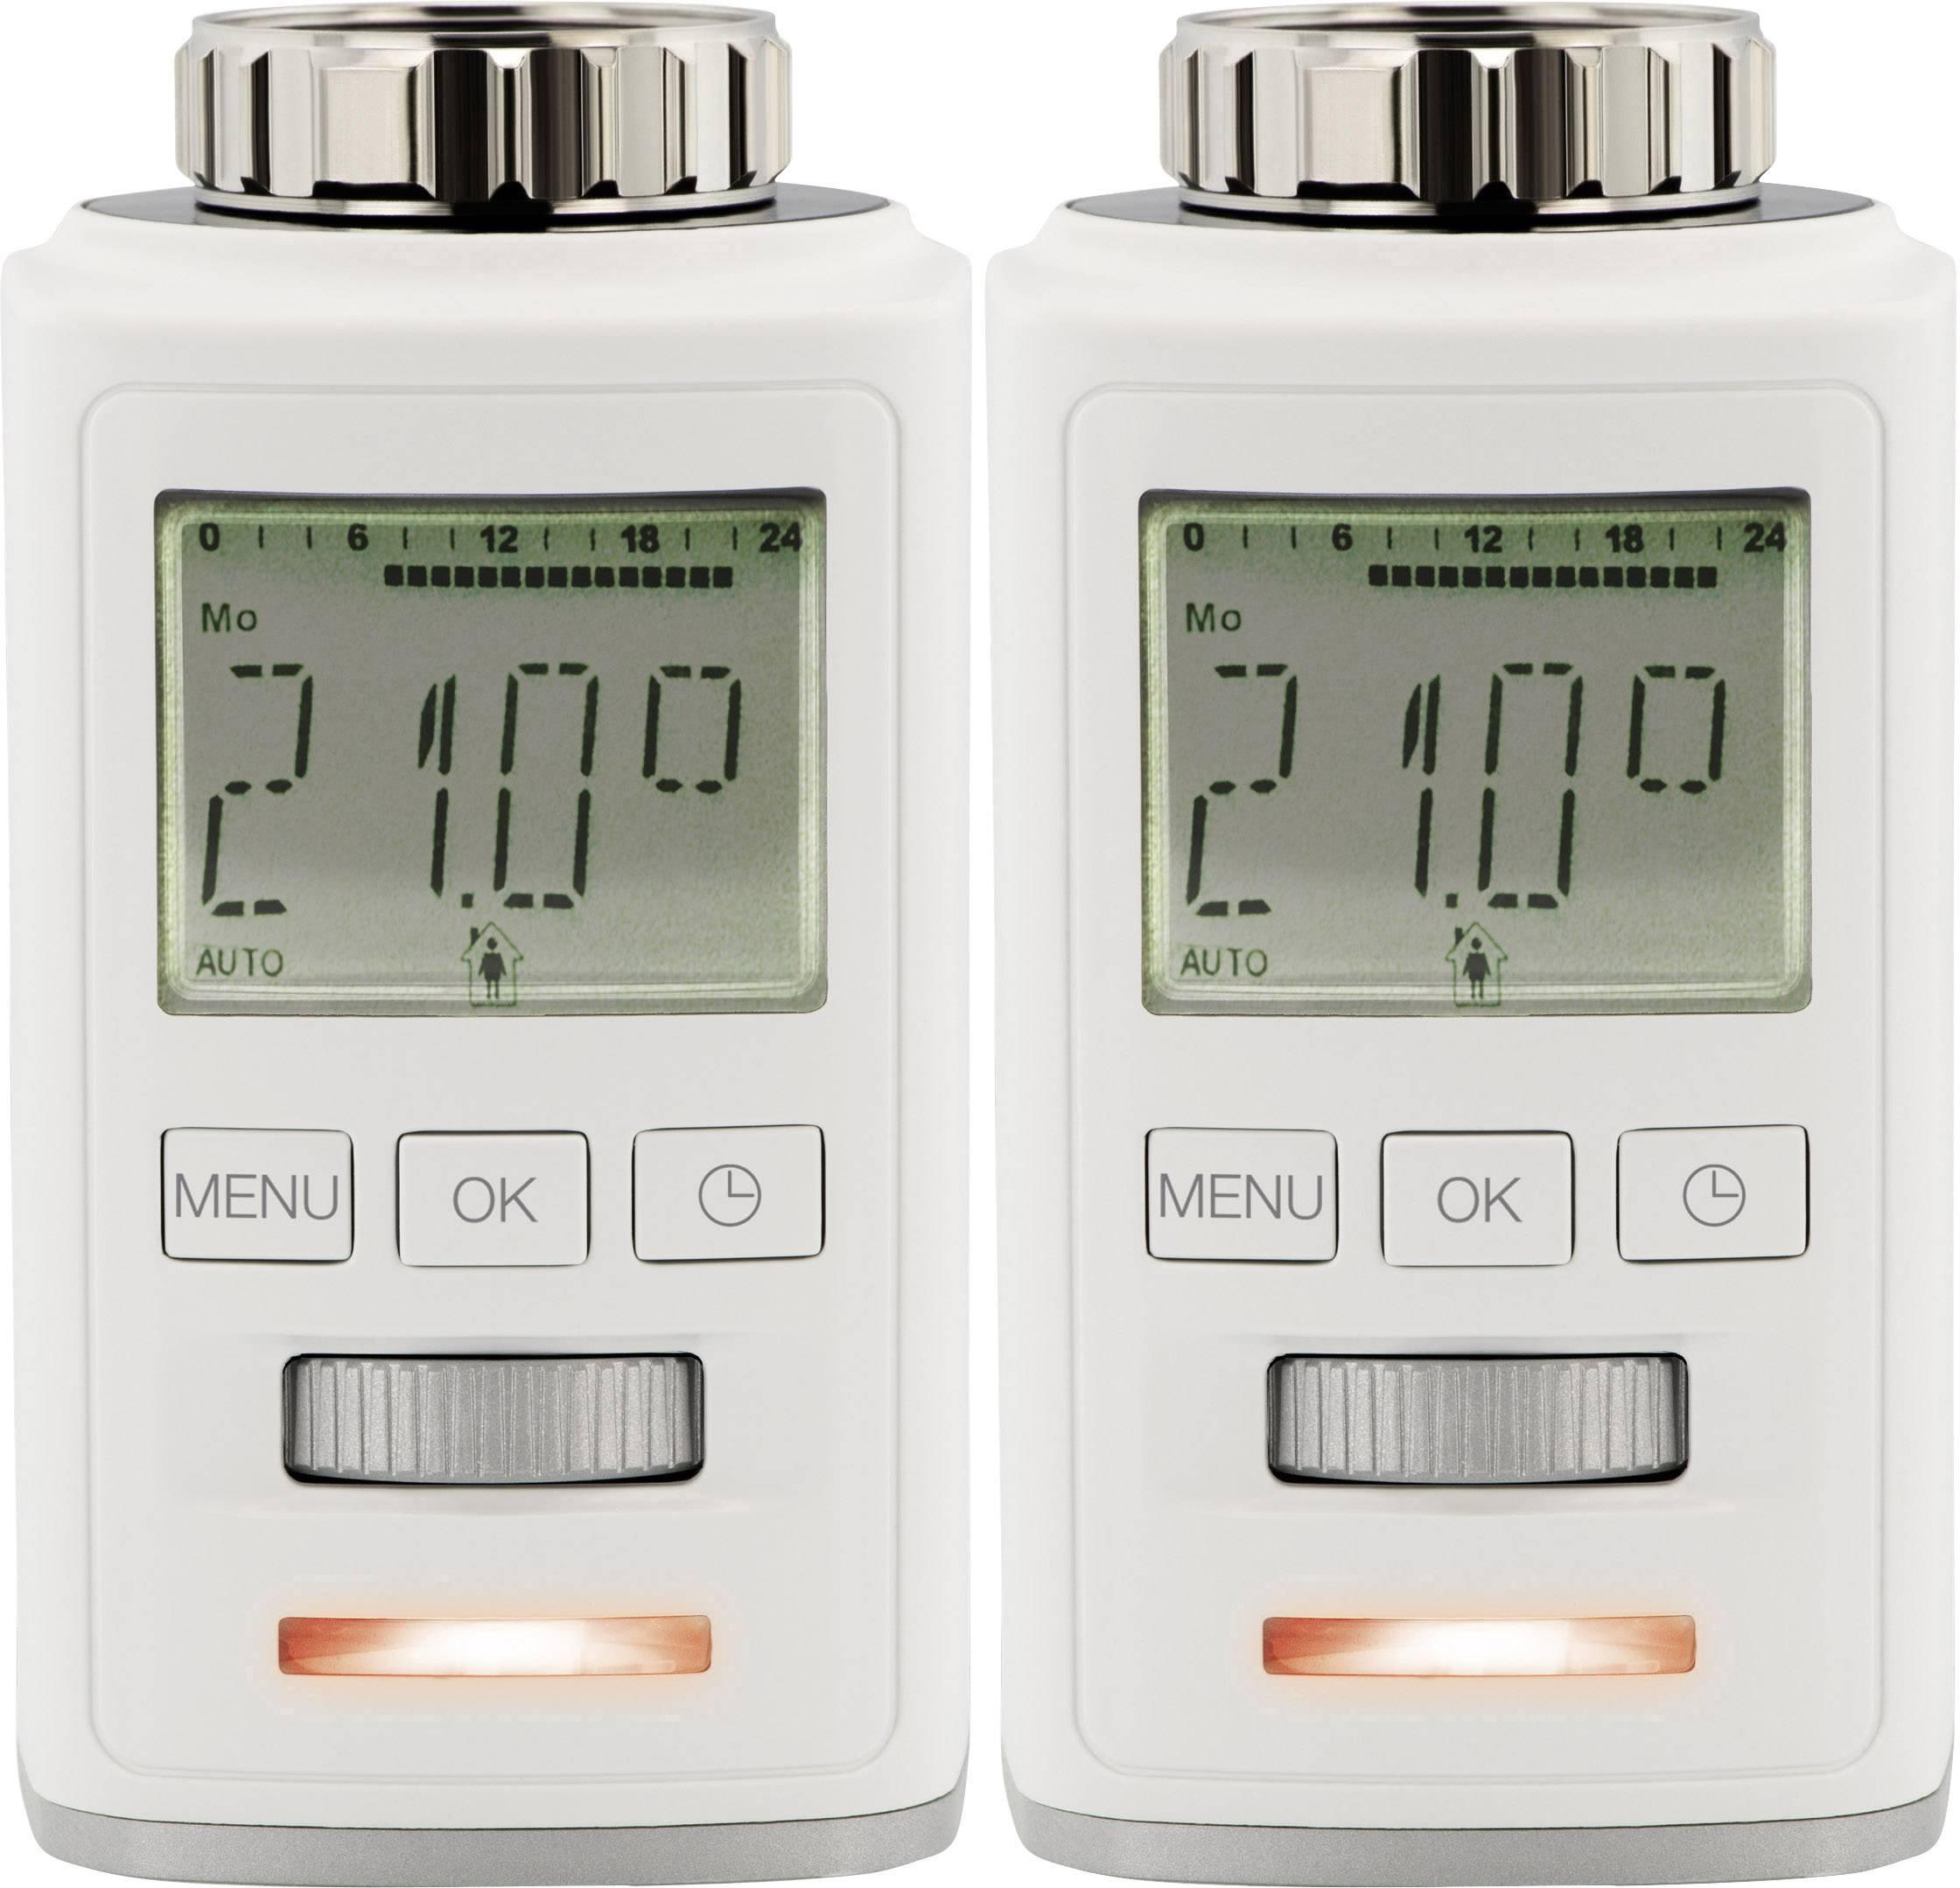 Radiátorová termostatická hlavica Sygonix HT100 700100416, 8 do 28 °C, sada 2 ks